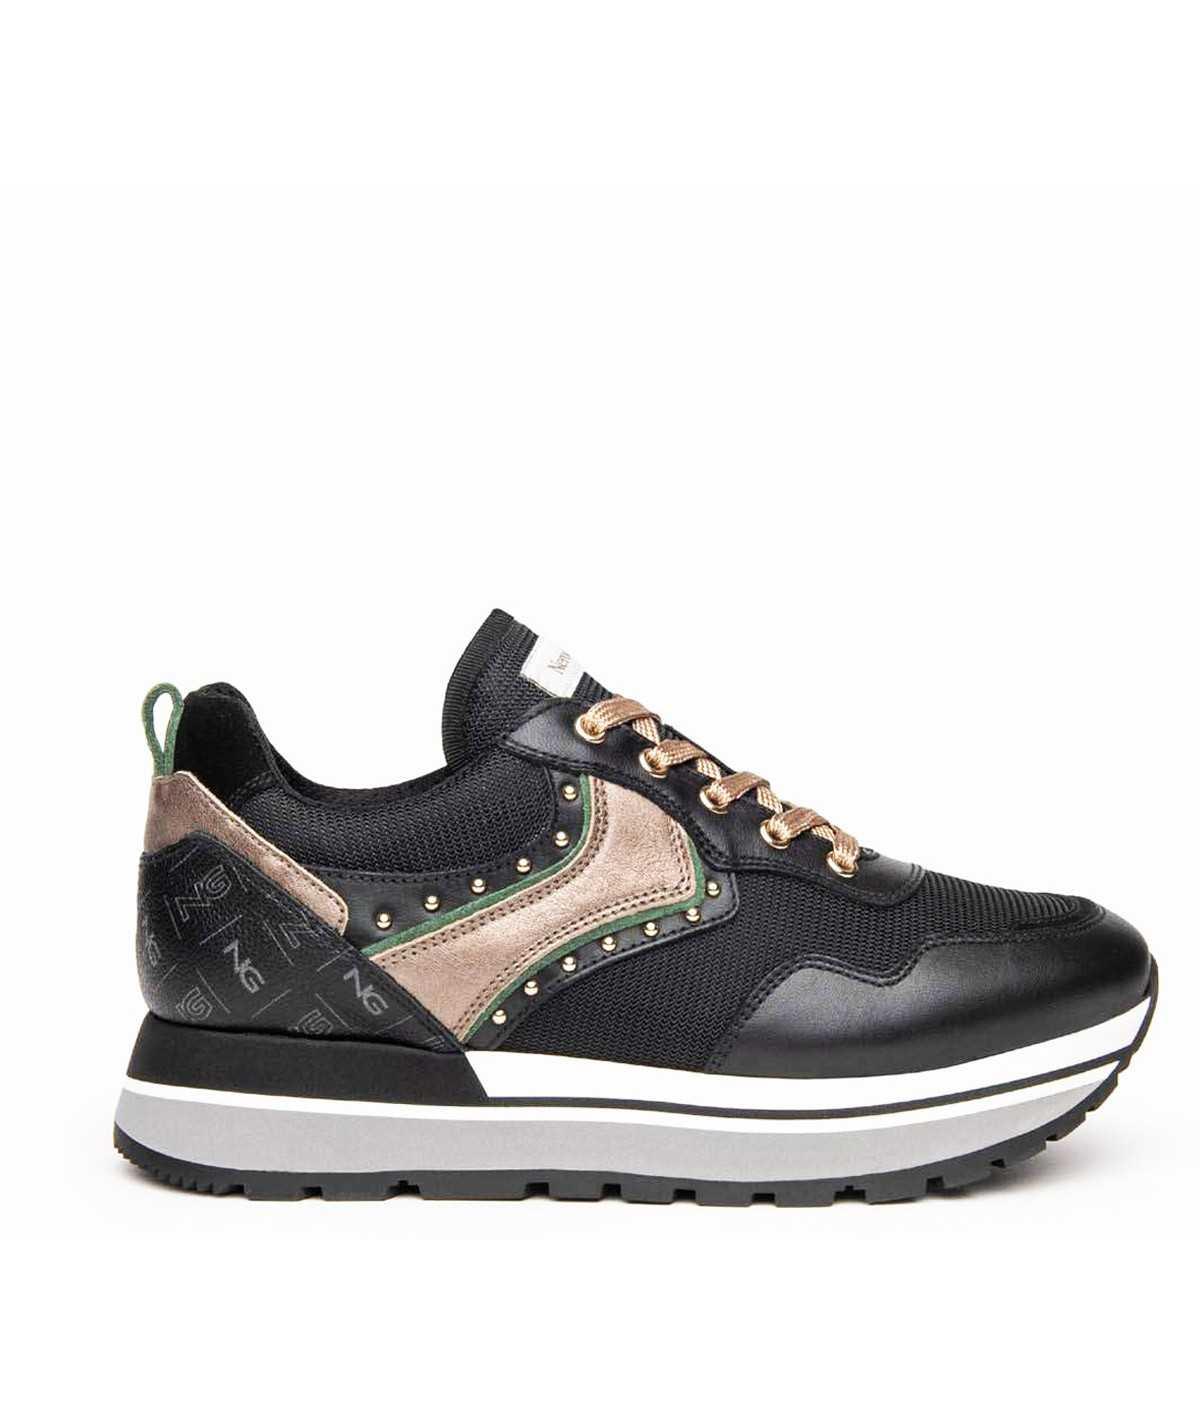 NEROGIARDINI Sneakers con...